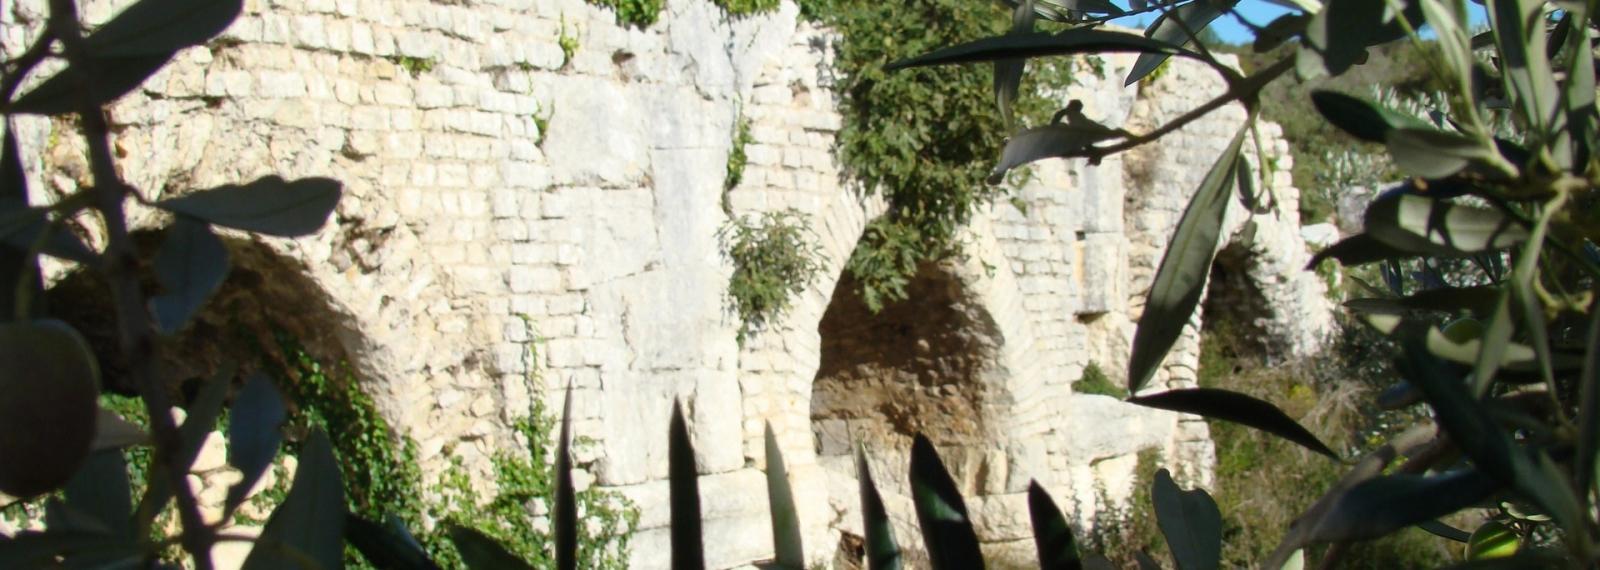 Les Oliviers de l'Aqueduc